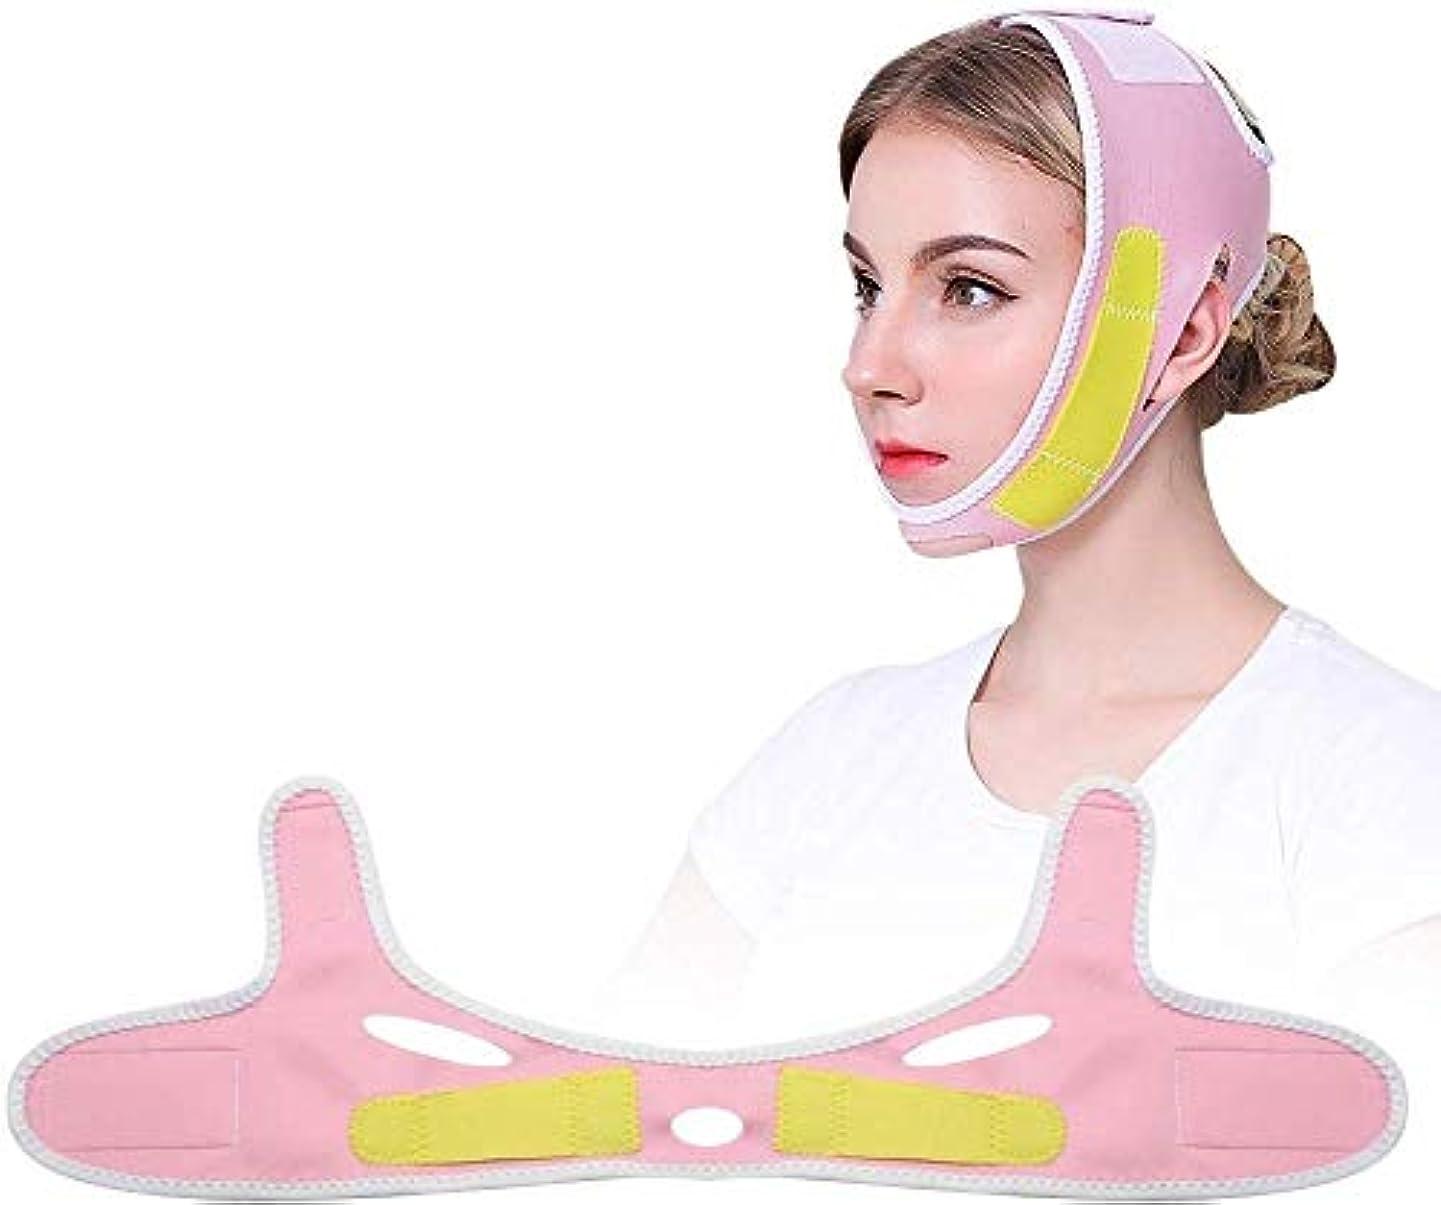 旅行優雅な異議HEMFV 二重あごを削減顔の激しいリフティング、ウェイトスリミングベルトの削減、スキンケアチンはファーミングストラップリフティング